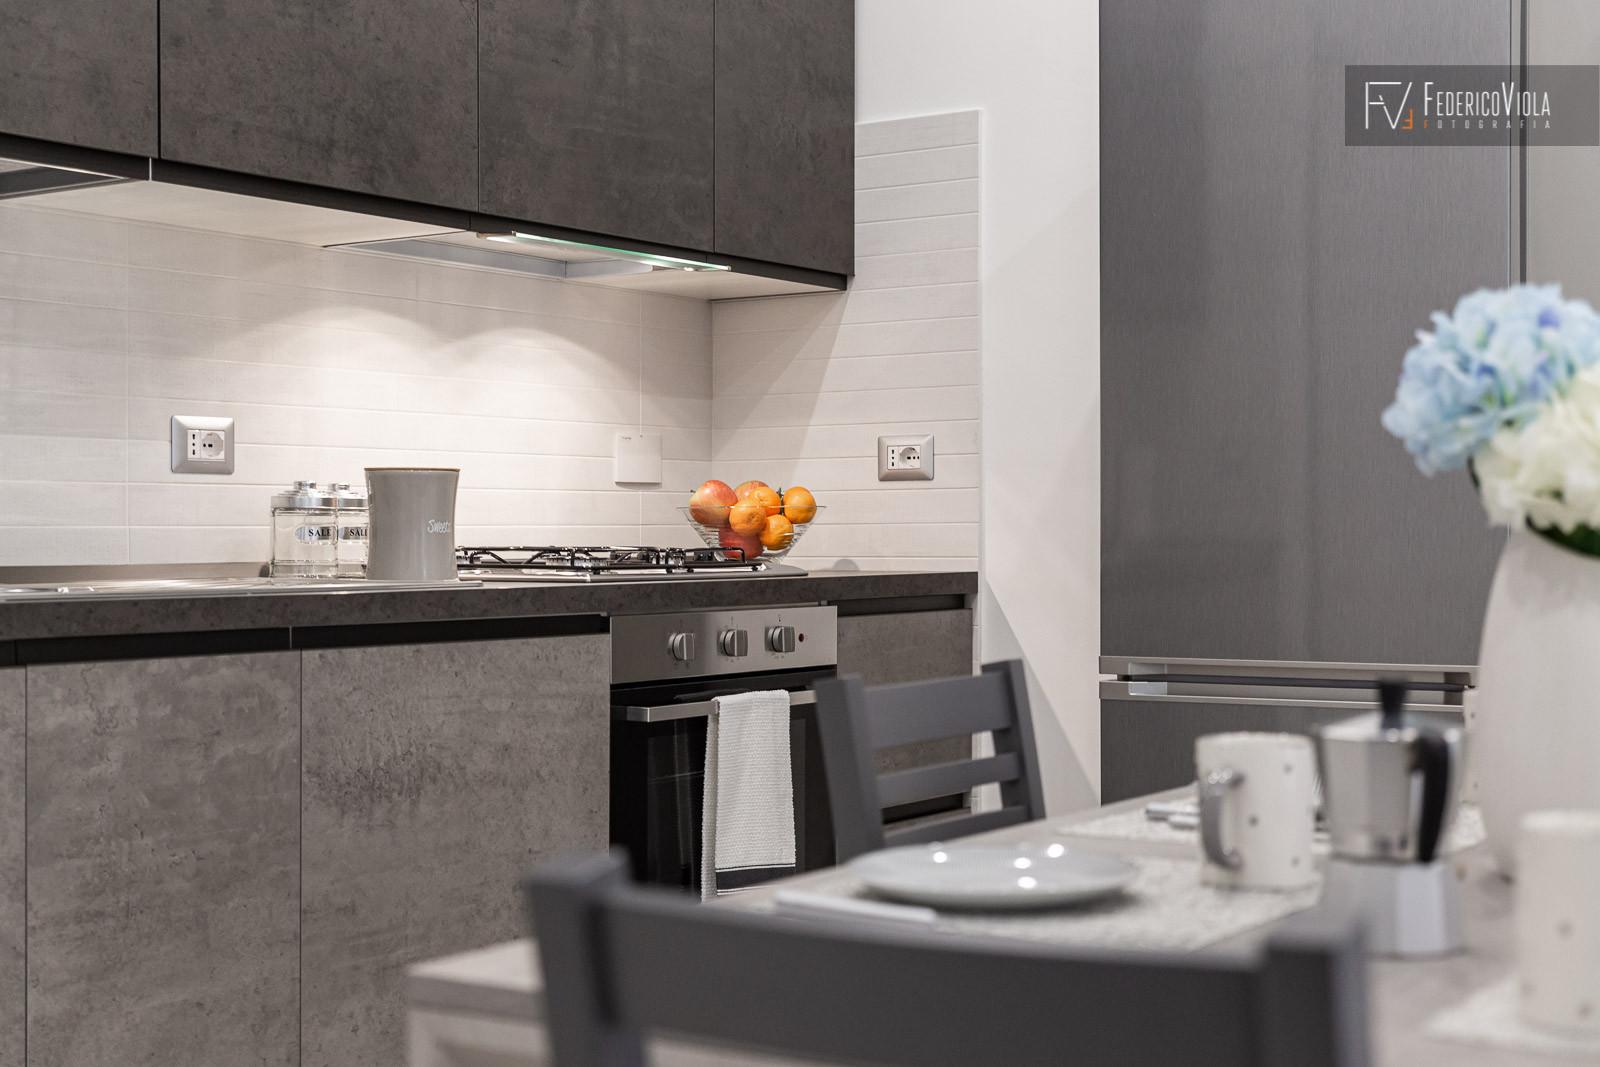 Foto-appartamento-mv-in-affitto-Gaeta-9.